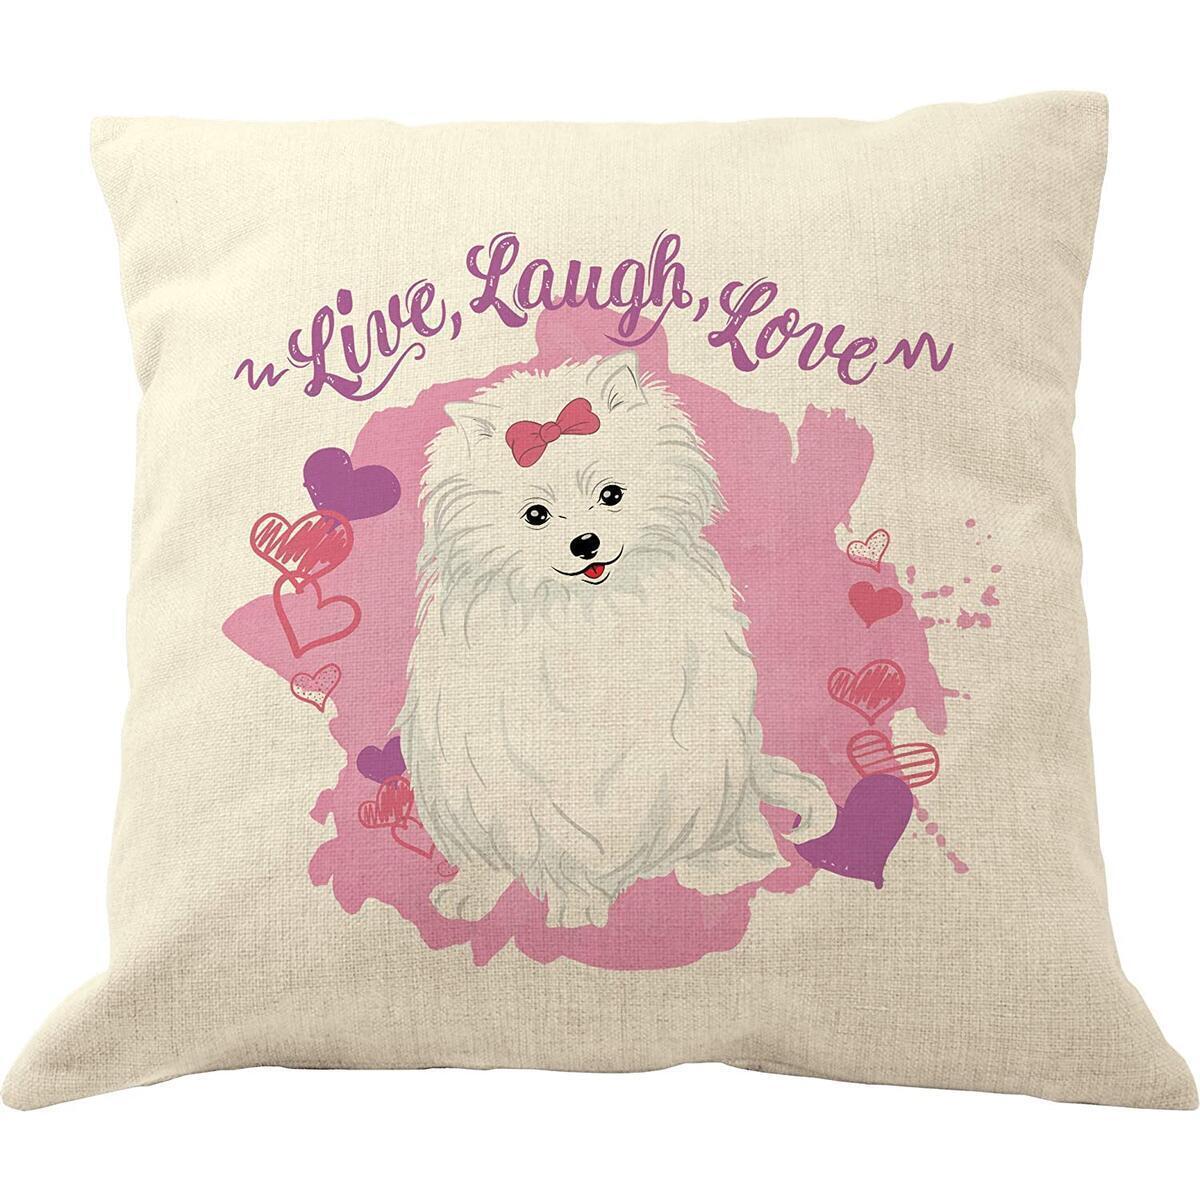 DrupsCo Live Laugh Love Pomeranian Pillow Cover 18x18, Cotton Linen Dog Throw Pillow Case